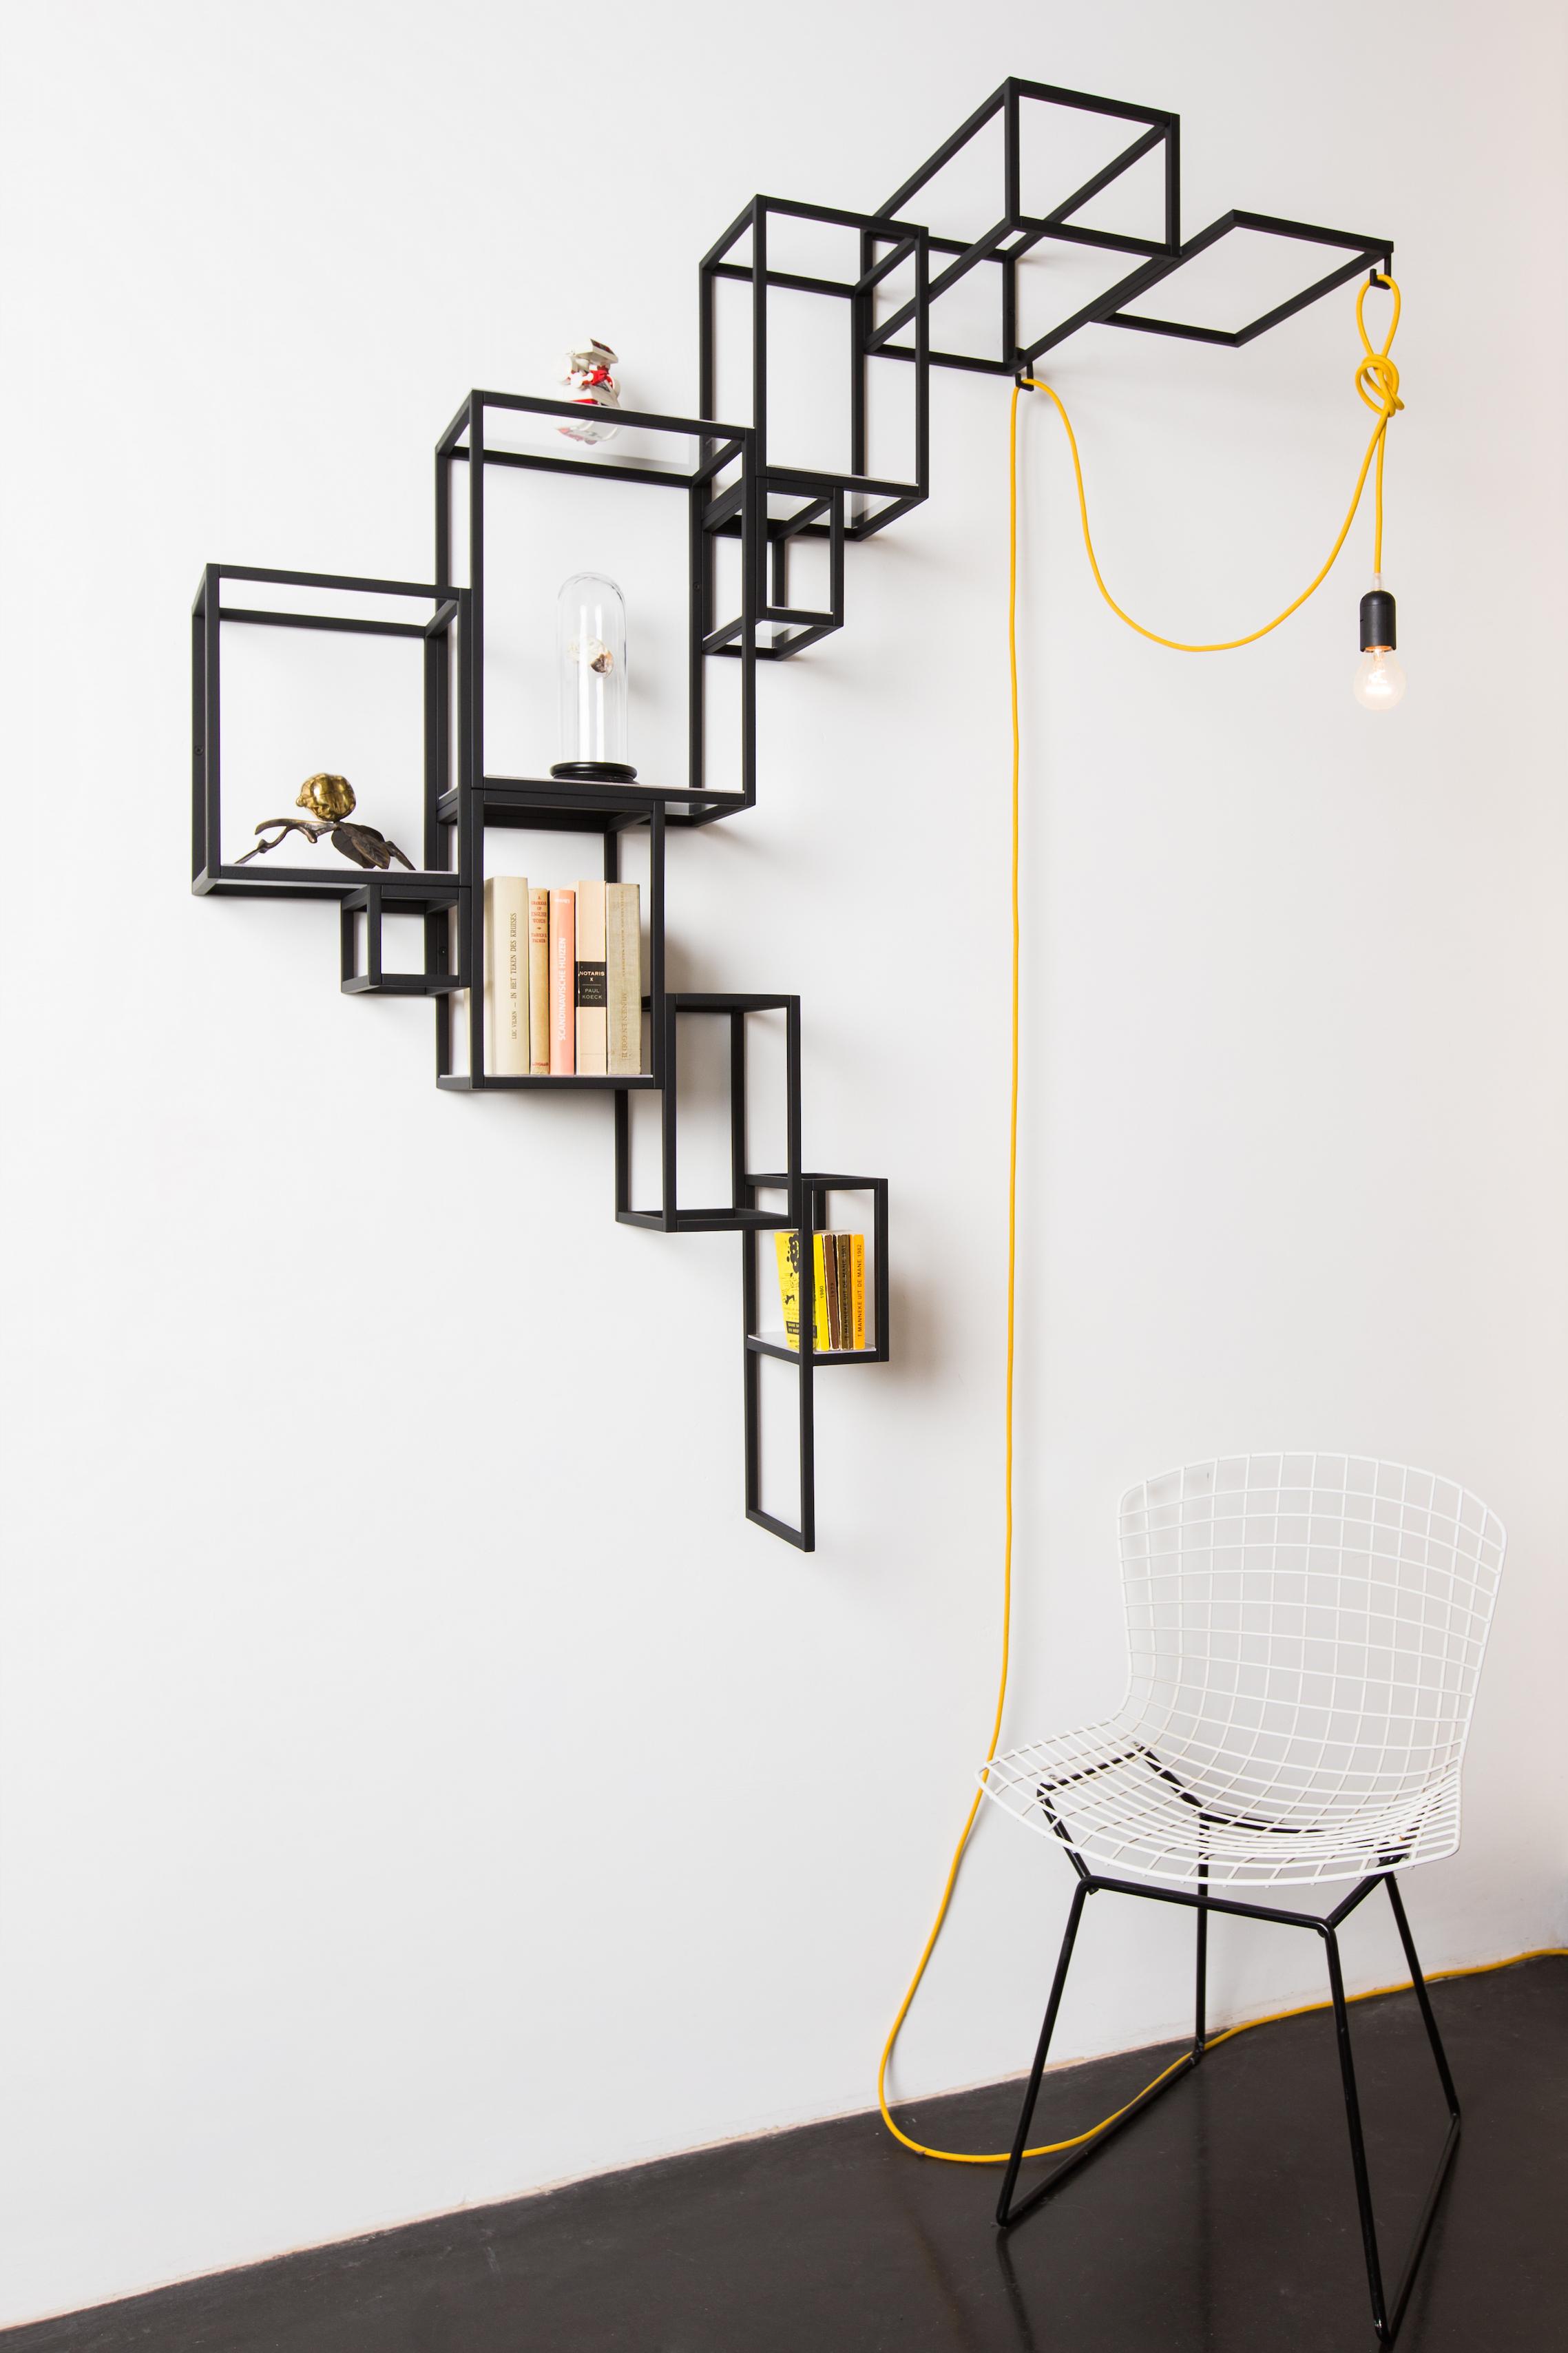 FJ LR Jointed wall shelves 2 LR.jpg